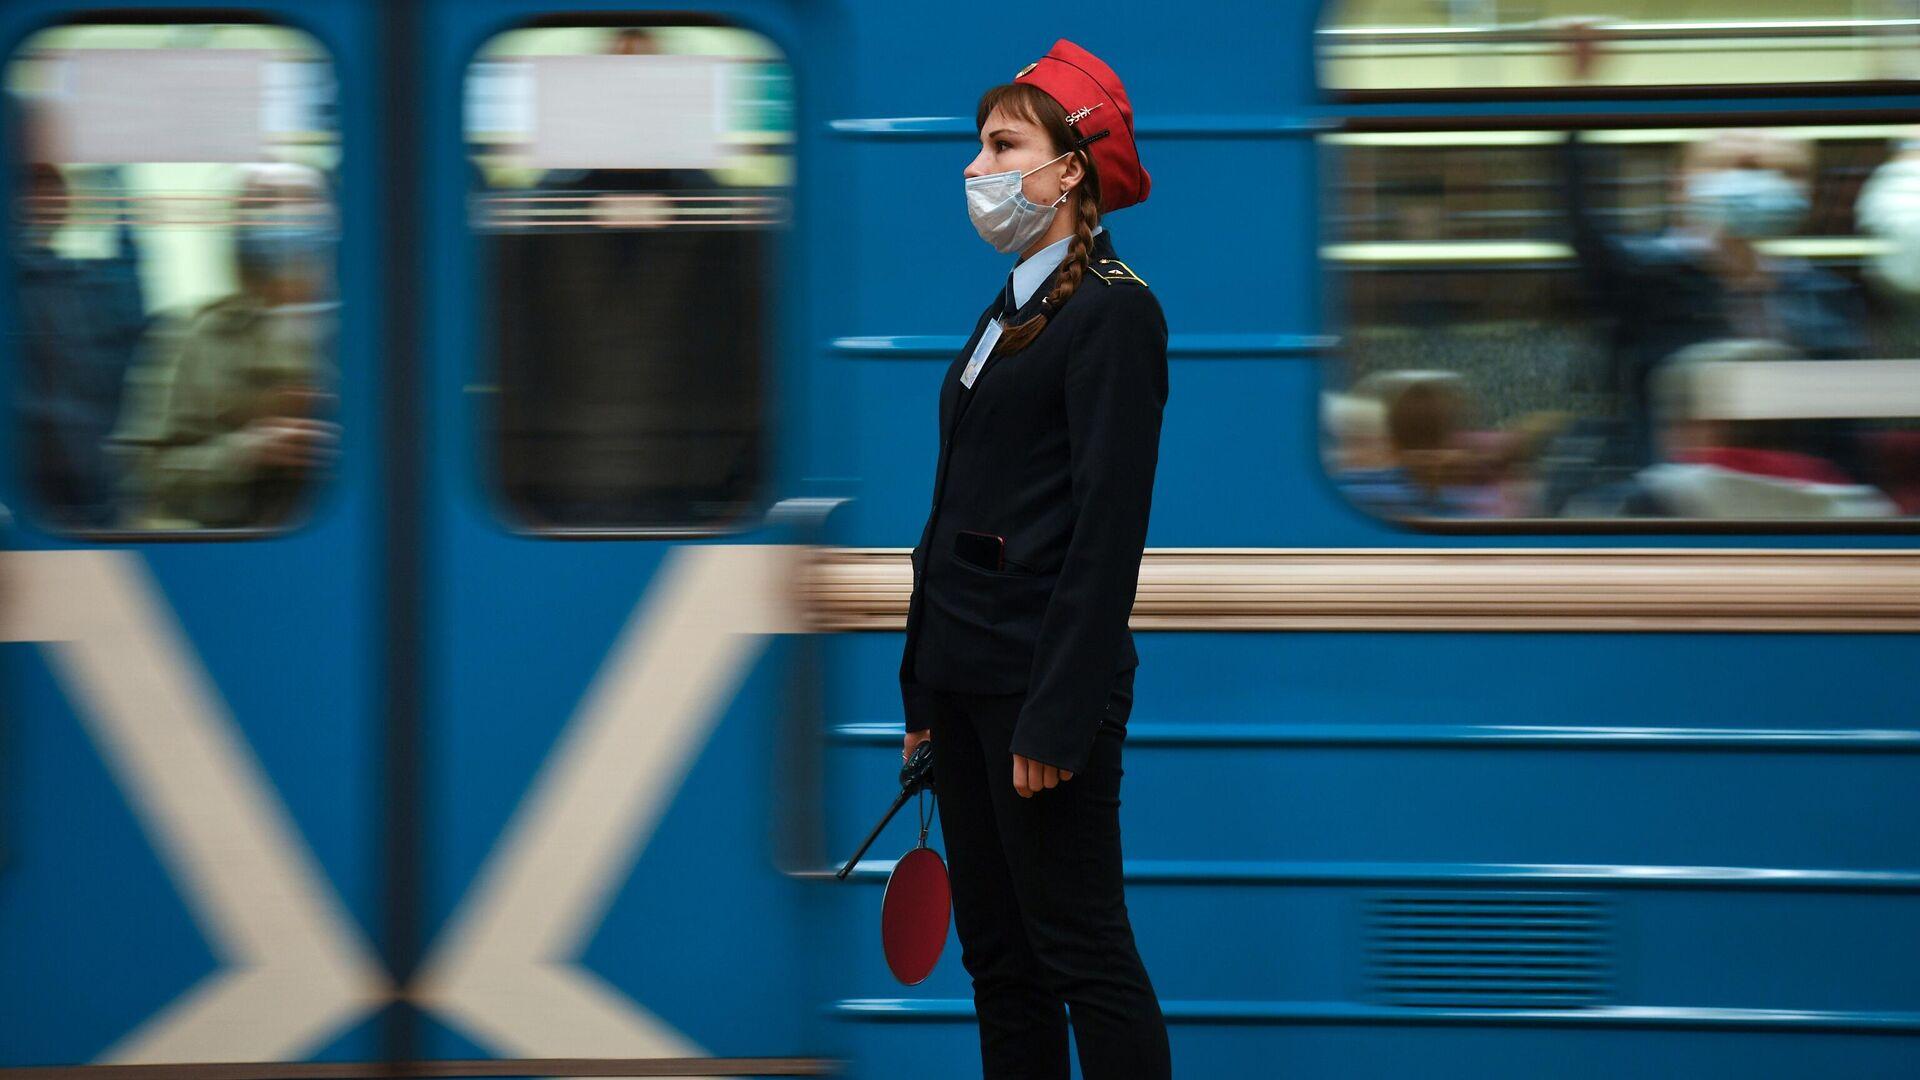 Сотрудница Новосибирского метрополитена в защитной маске  - РИА Новости, 1920, 25.06.2021